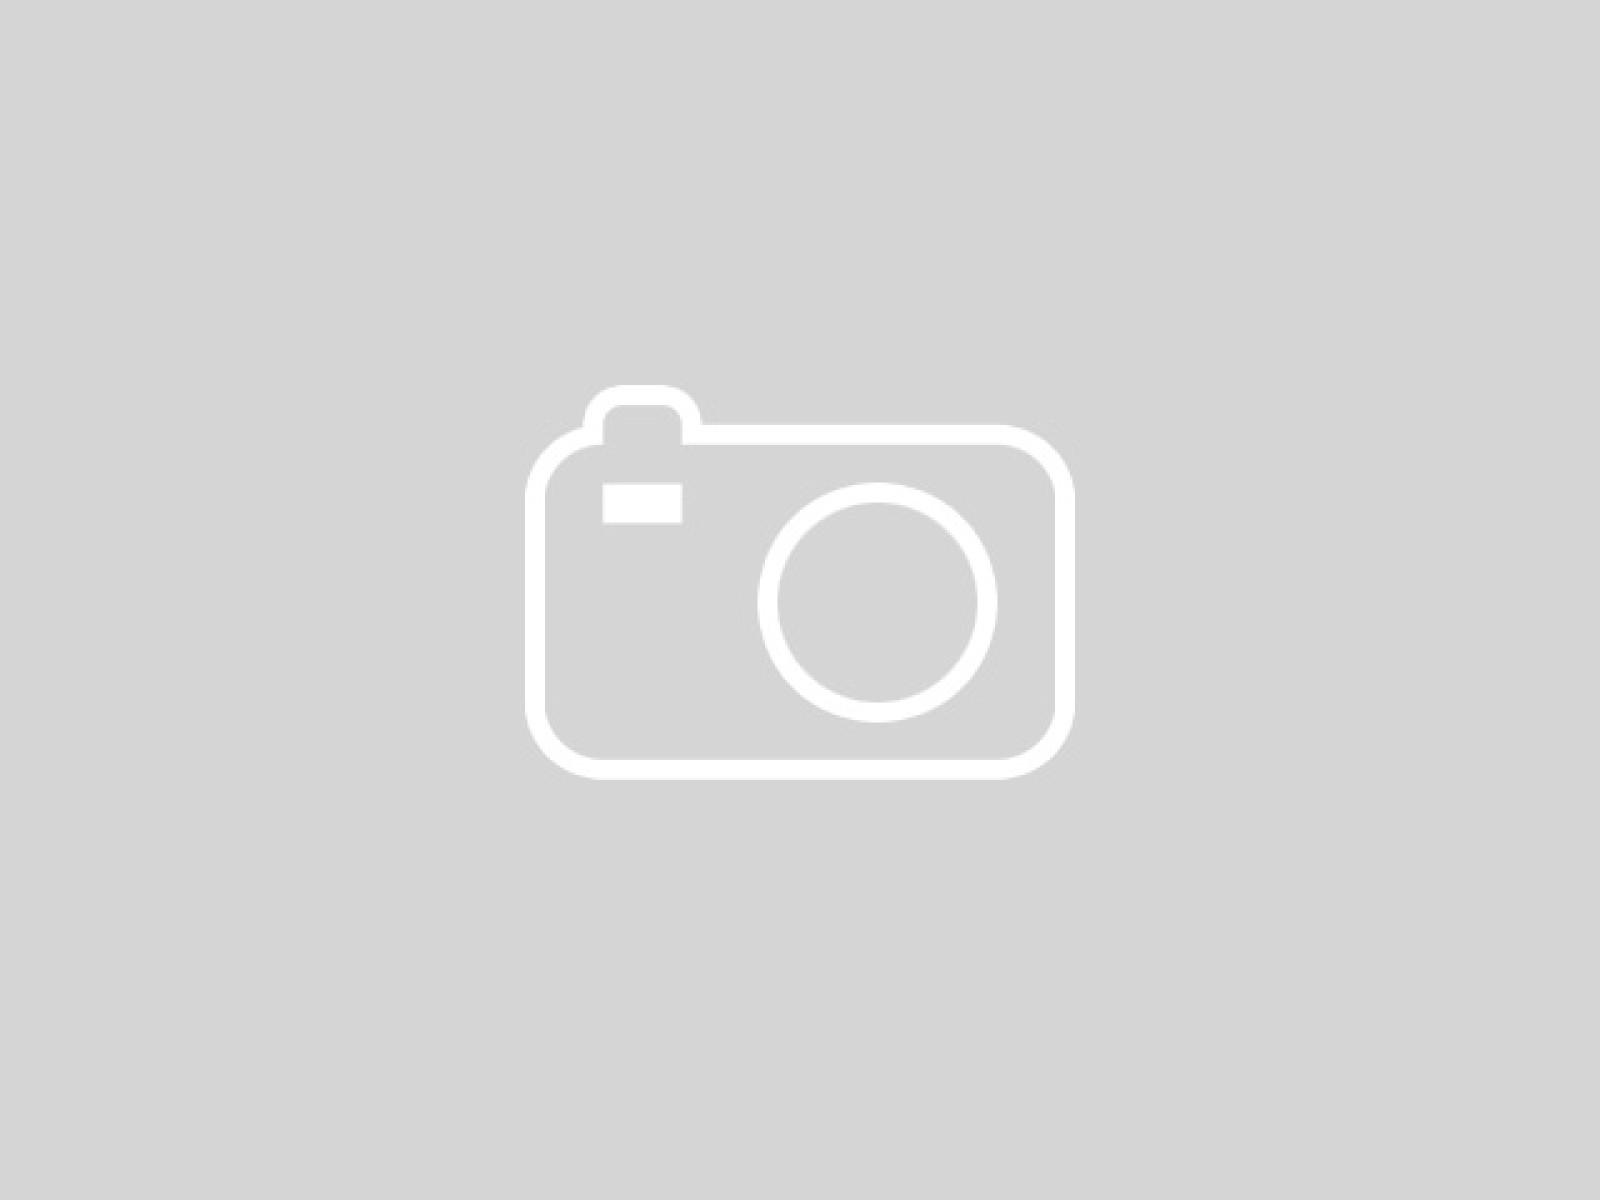 2020 Hyundai IONIQ Electric Preferred $8000 REBATE! SCRAP IT VOUCHER!